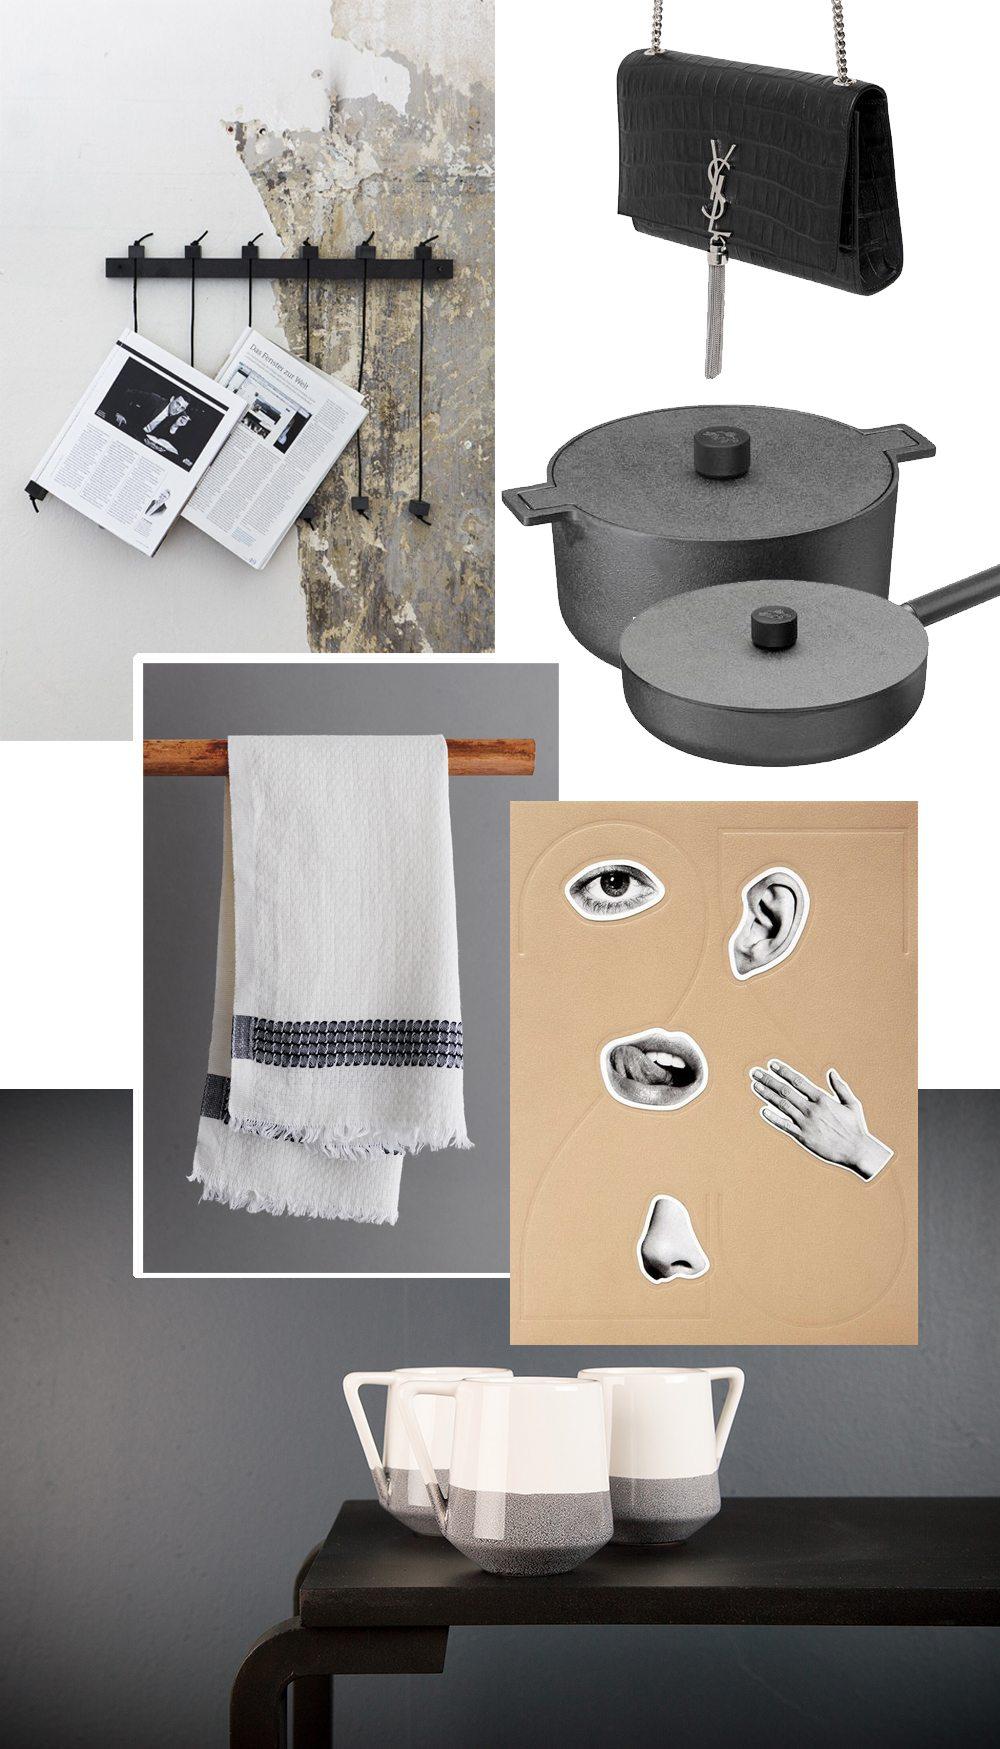 Önskelista med Saint Laurent-väska, gjutjärnsgryta, 25 magazine, hammamhandduk, tidningshållare och Emma Green koppar – Husligheter